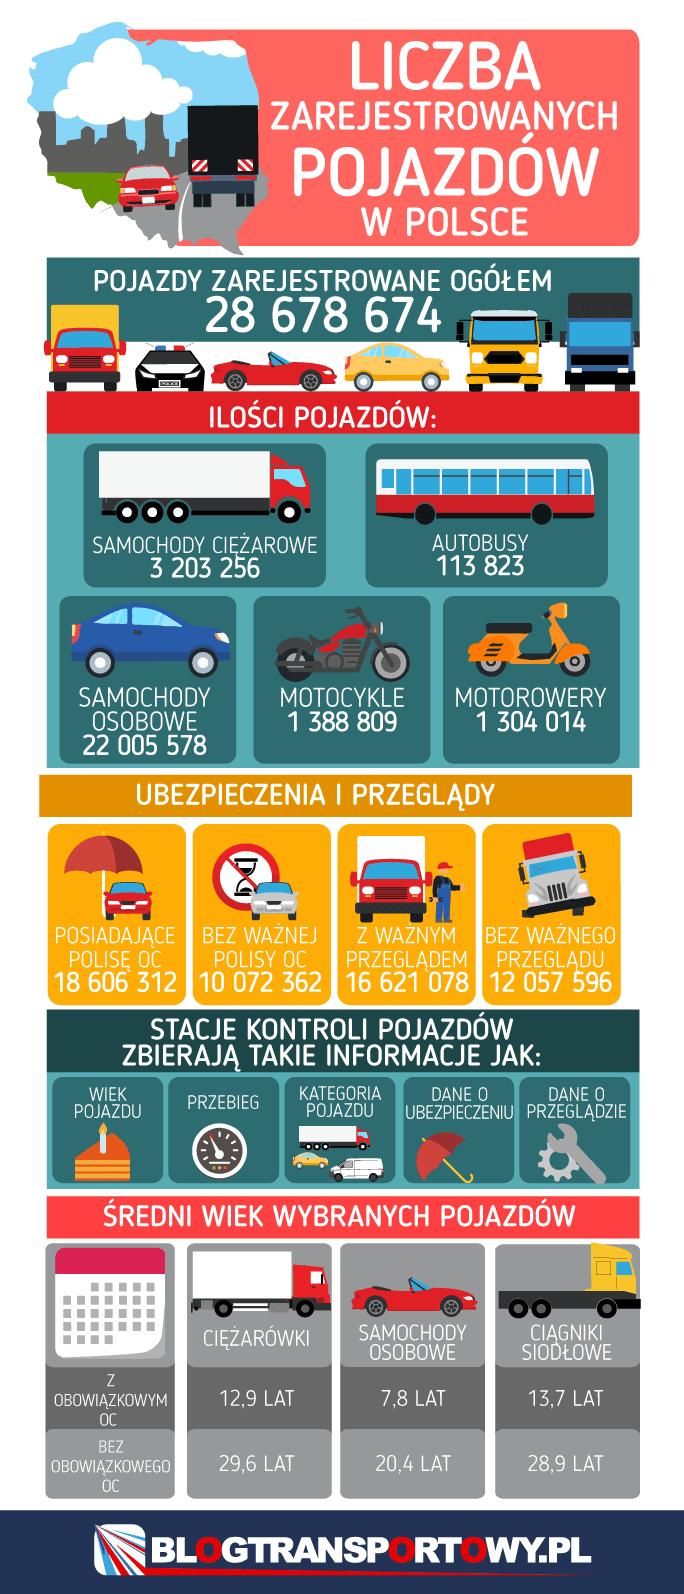 Liczba zarejestrowanych pojazdów w Polsce